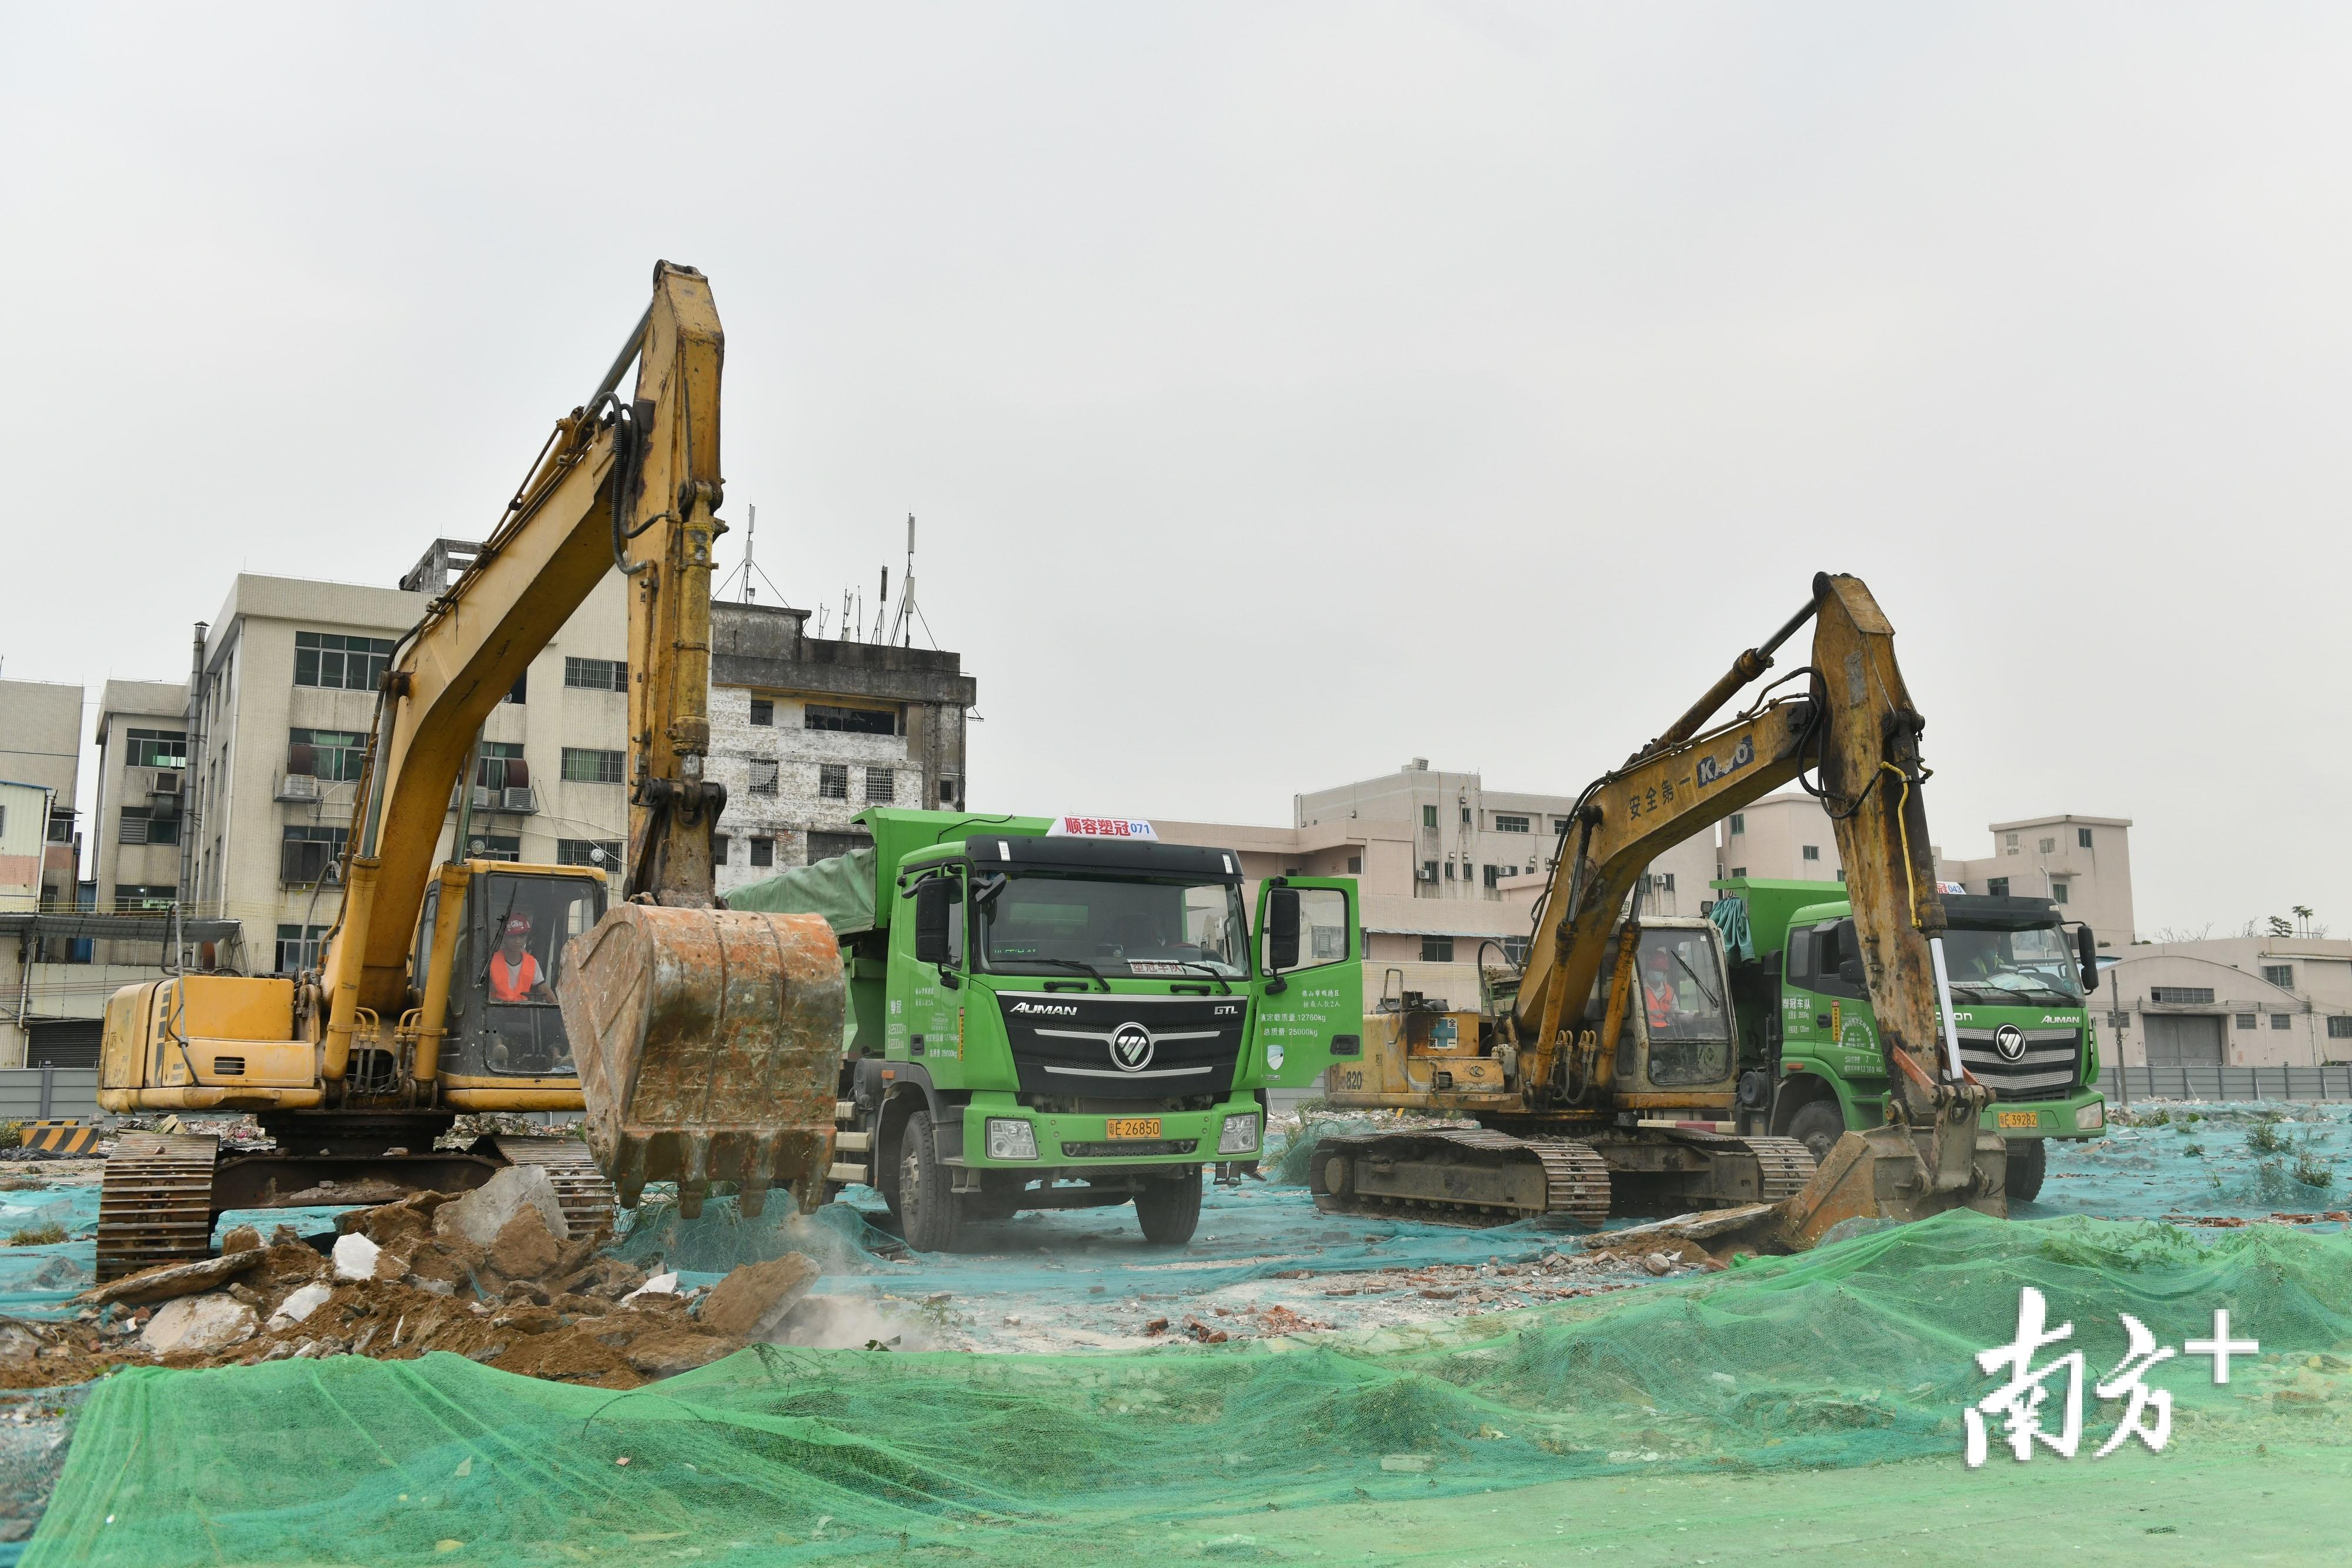 中建国际投资有限公司的创新智慧城项目在顺德容桂正式动工。南方日报记者 戴嘉信 摄